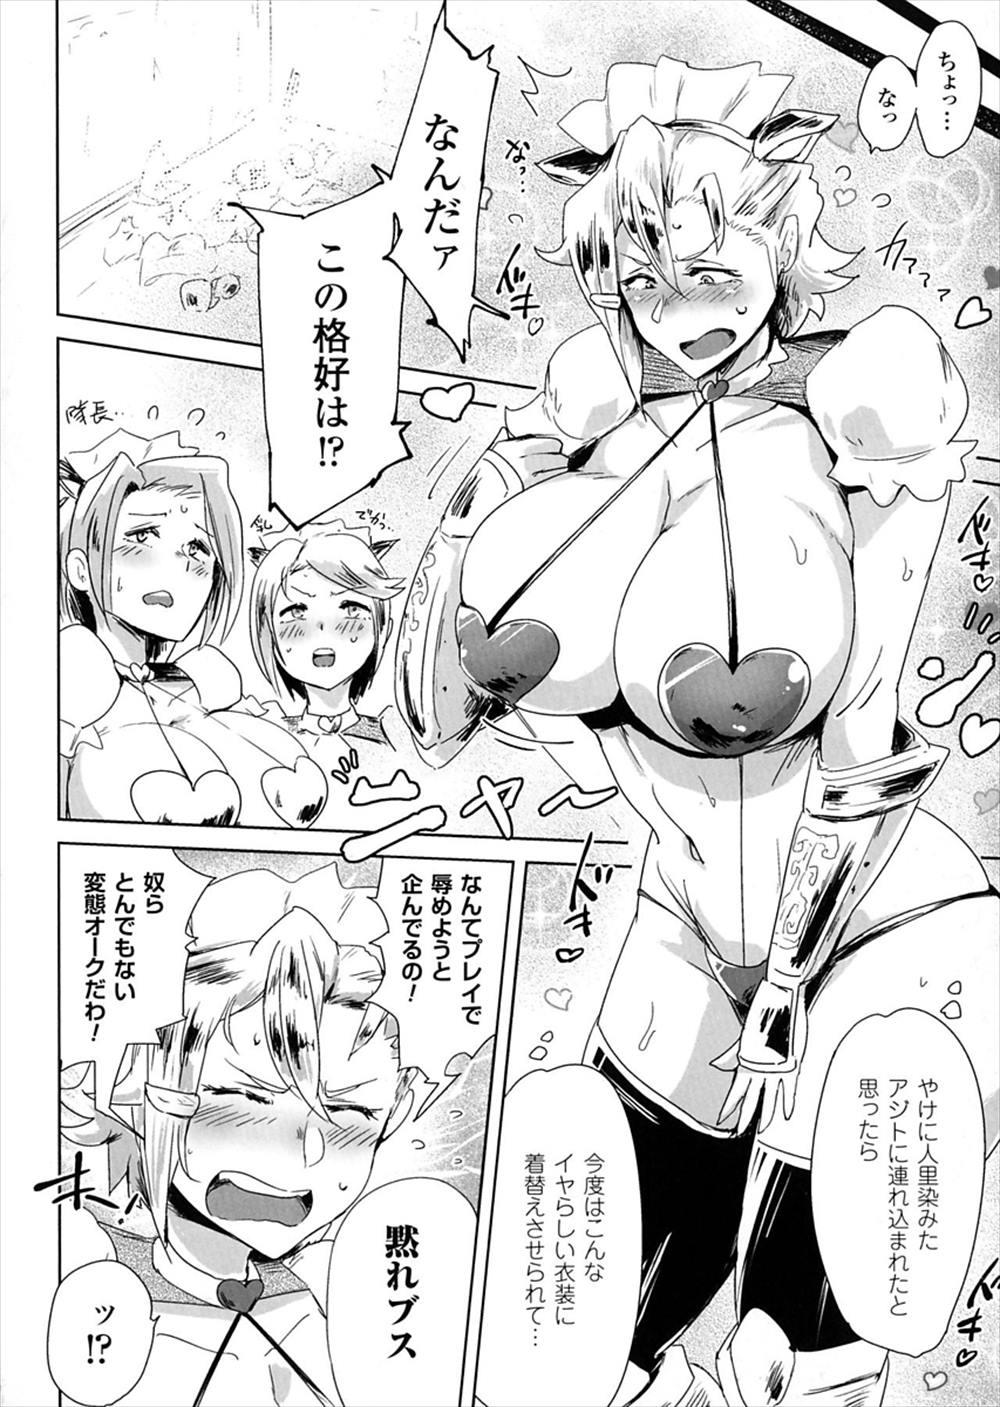 【エロ漫画】女騎士が雌豚喫茶に潜入してオークに輪姦乱交レイプされてしまうww